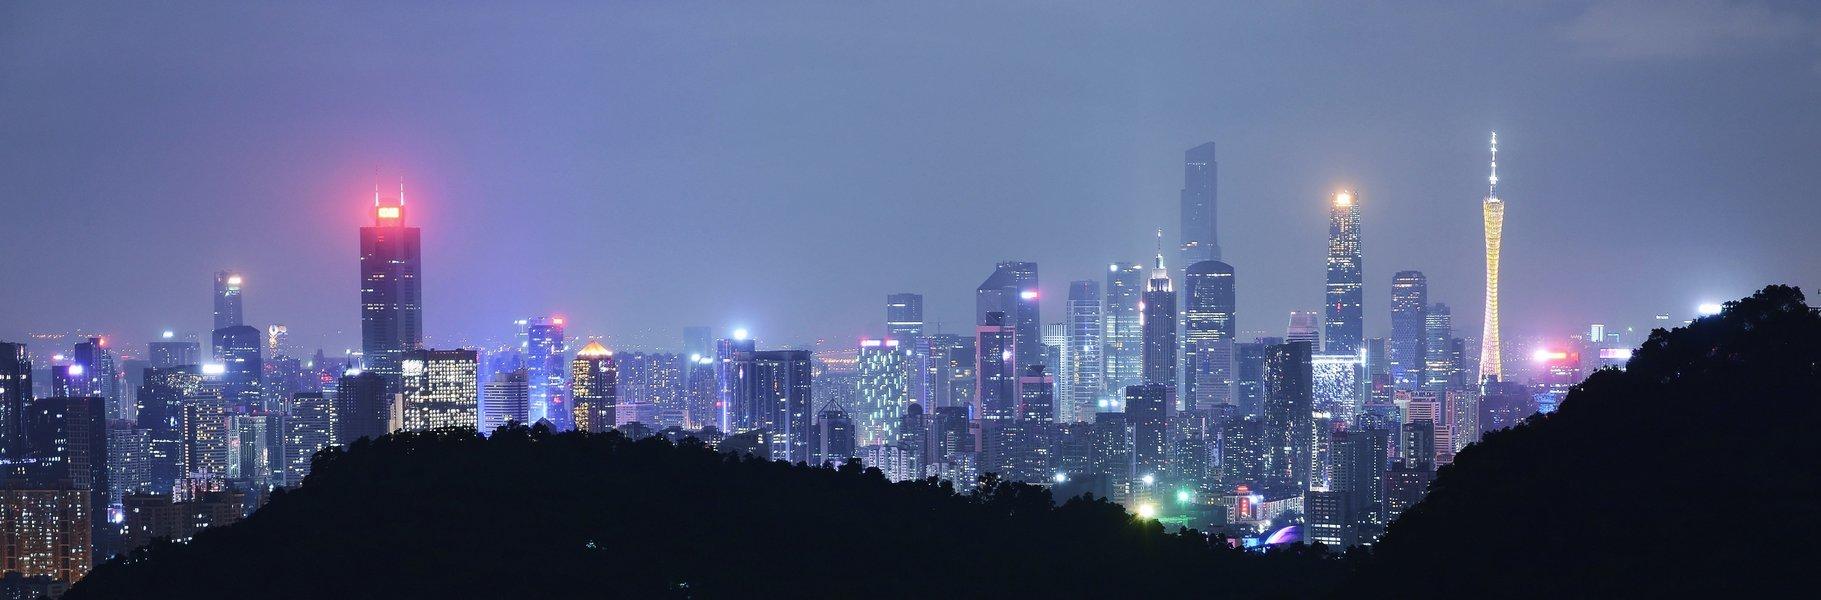 Canton Fair - Guangzhou China - Tour